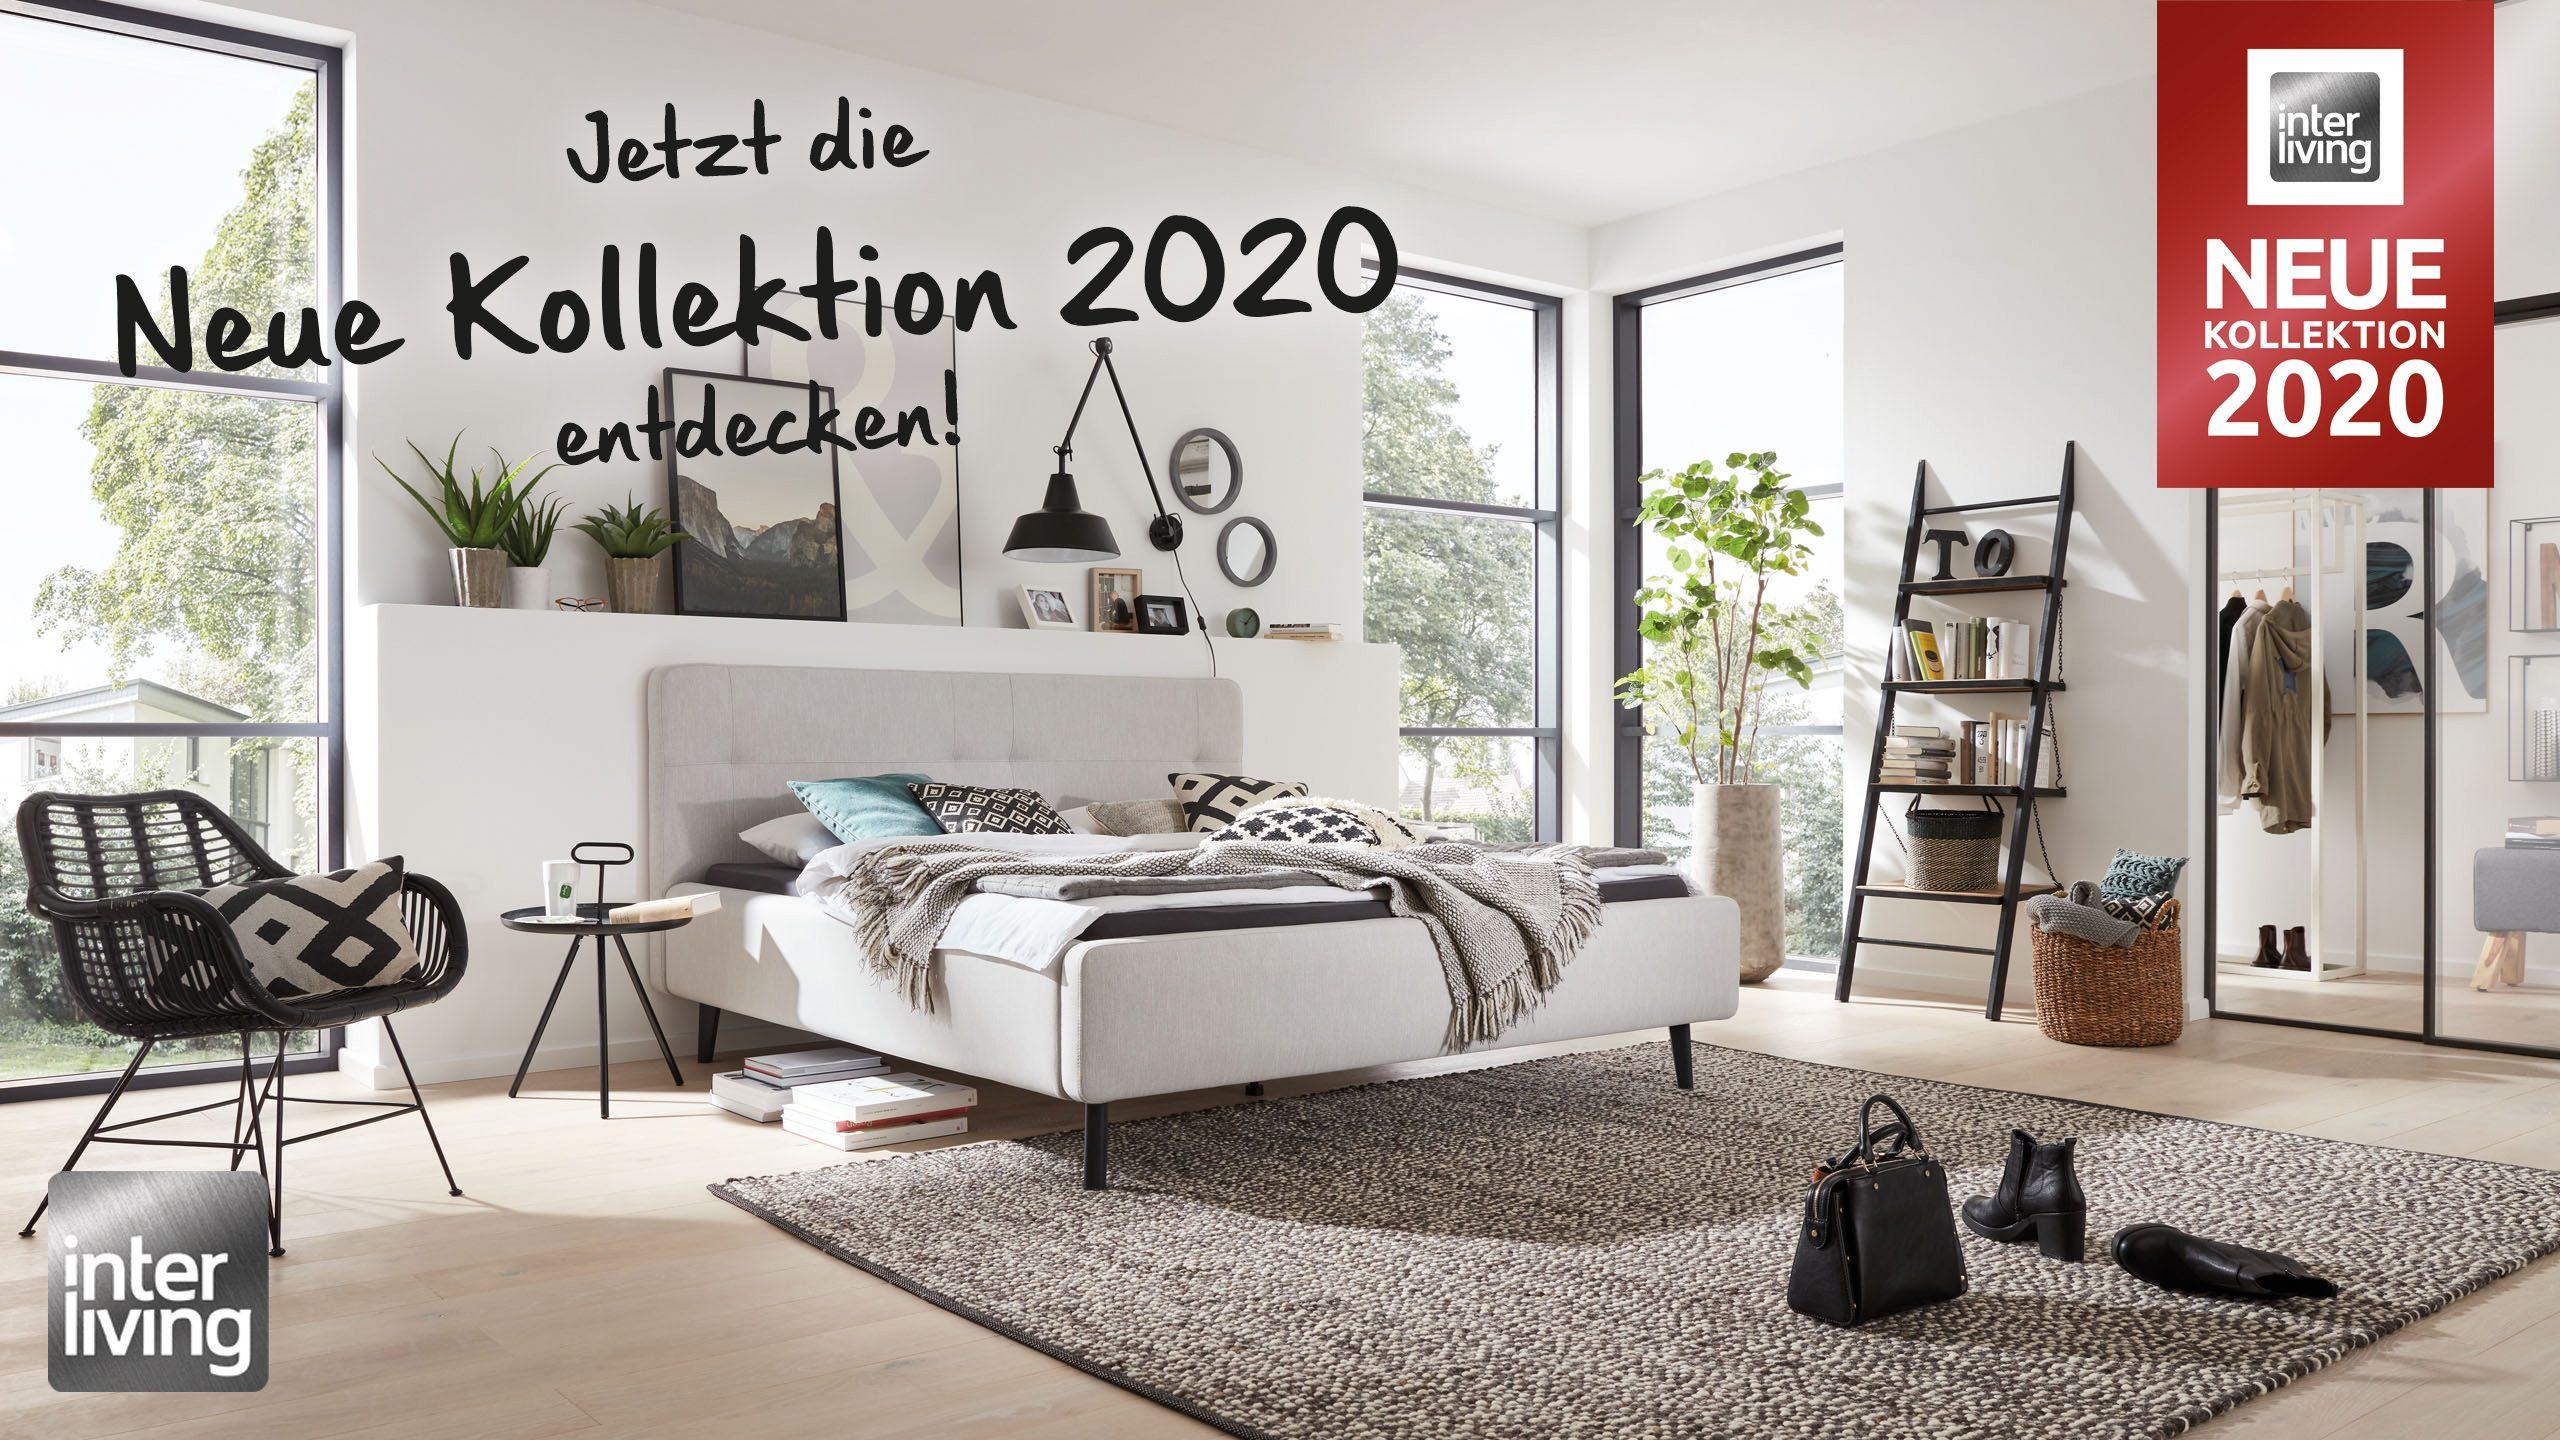 Neue Betten von Interliving – die Kollektion 2020